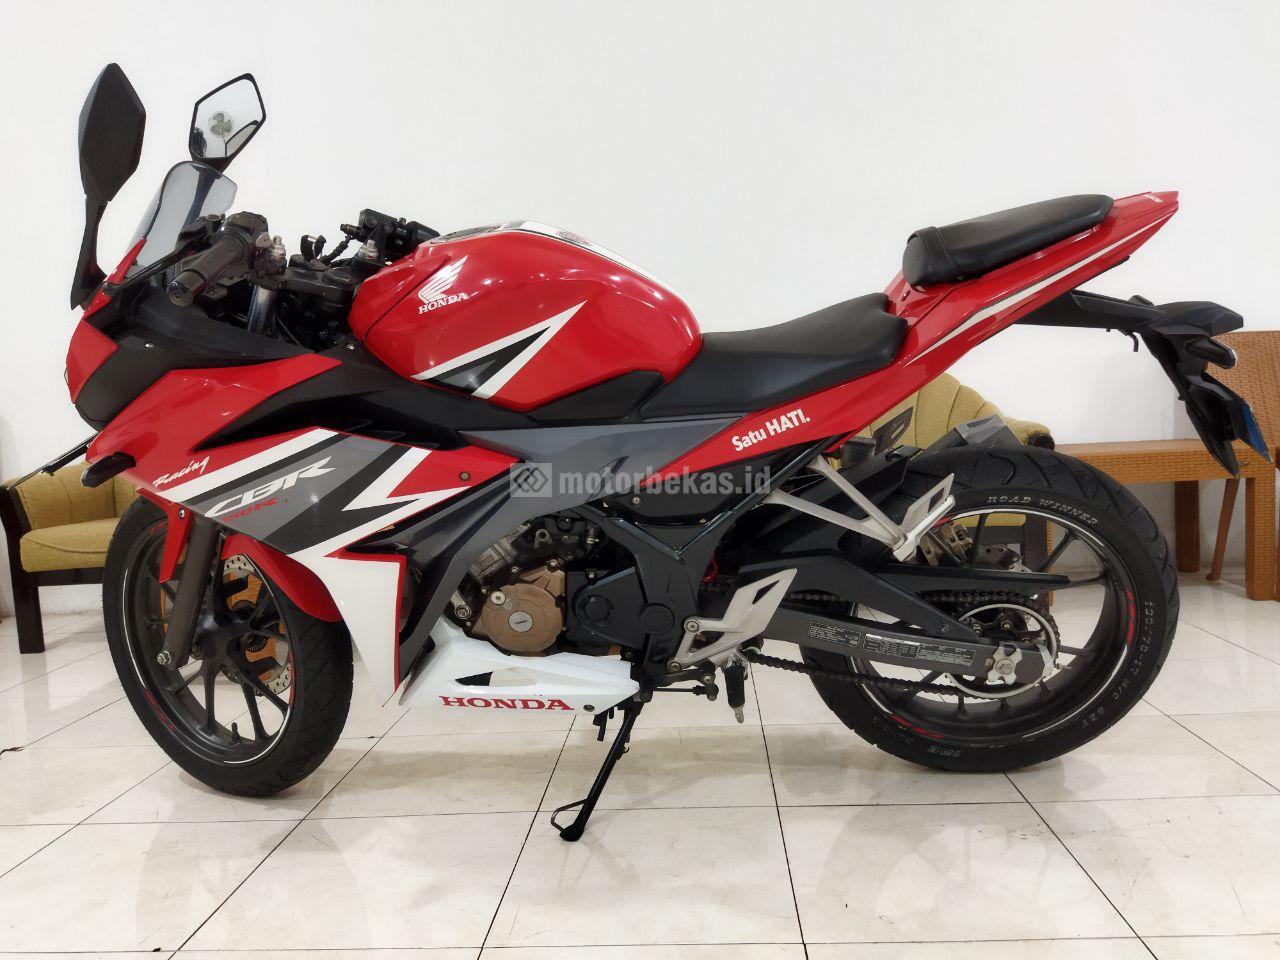 HONDA CBR 150R ABS 915 motorbekas.id